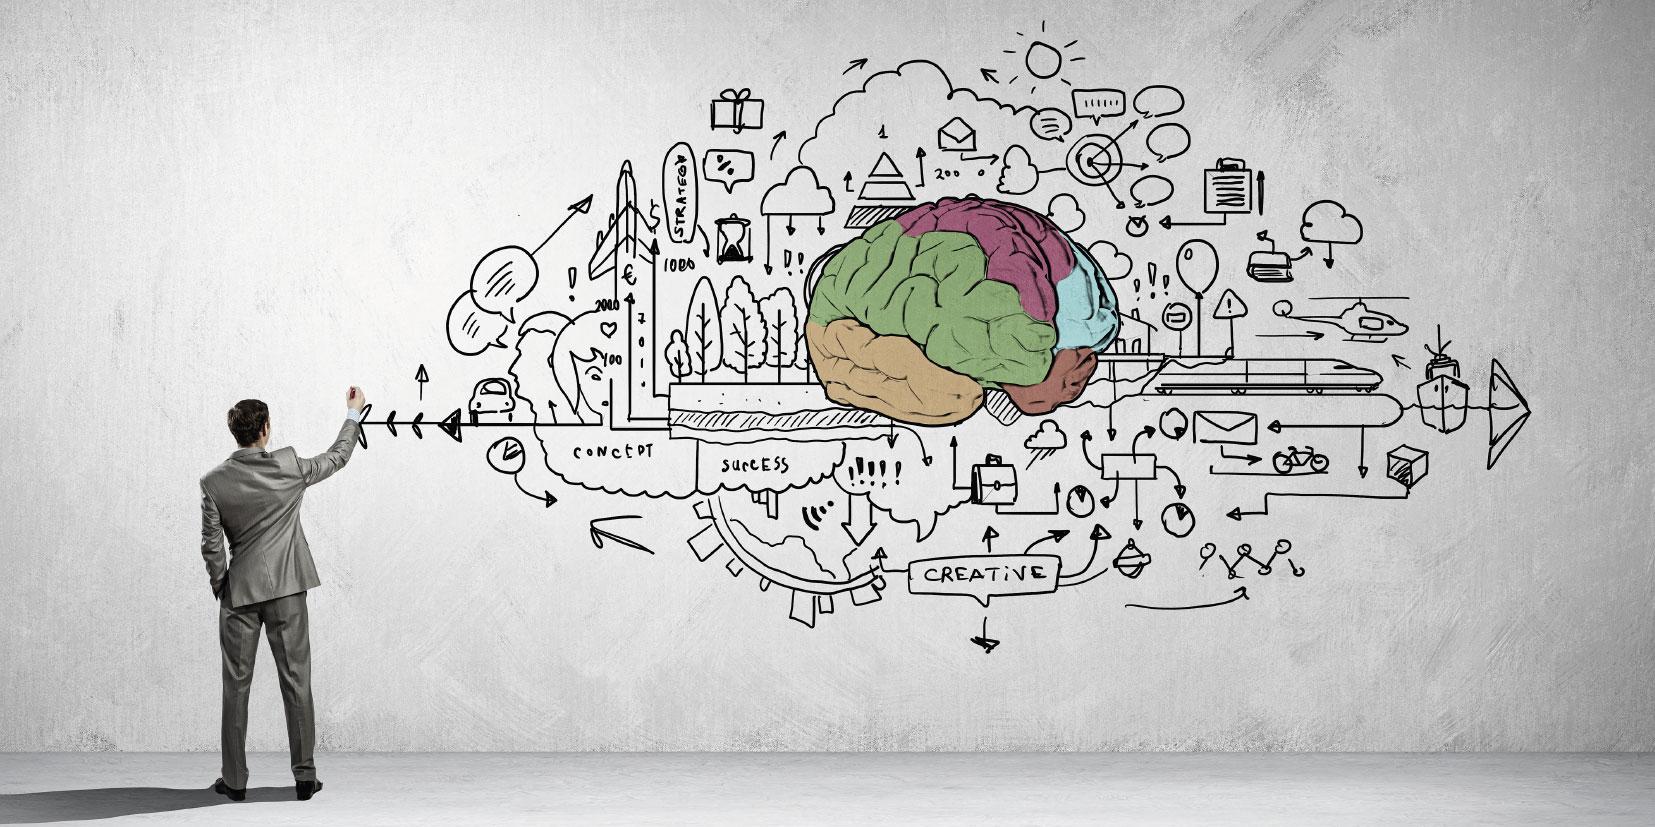 Il comportamento dei consumatori: neuromarketing e neuroricerca - Intervista a Daniele Rozzoni